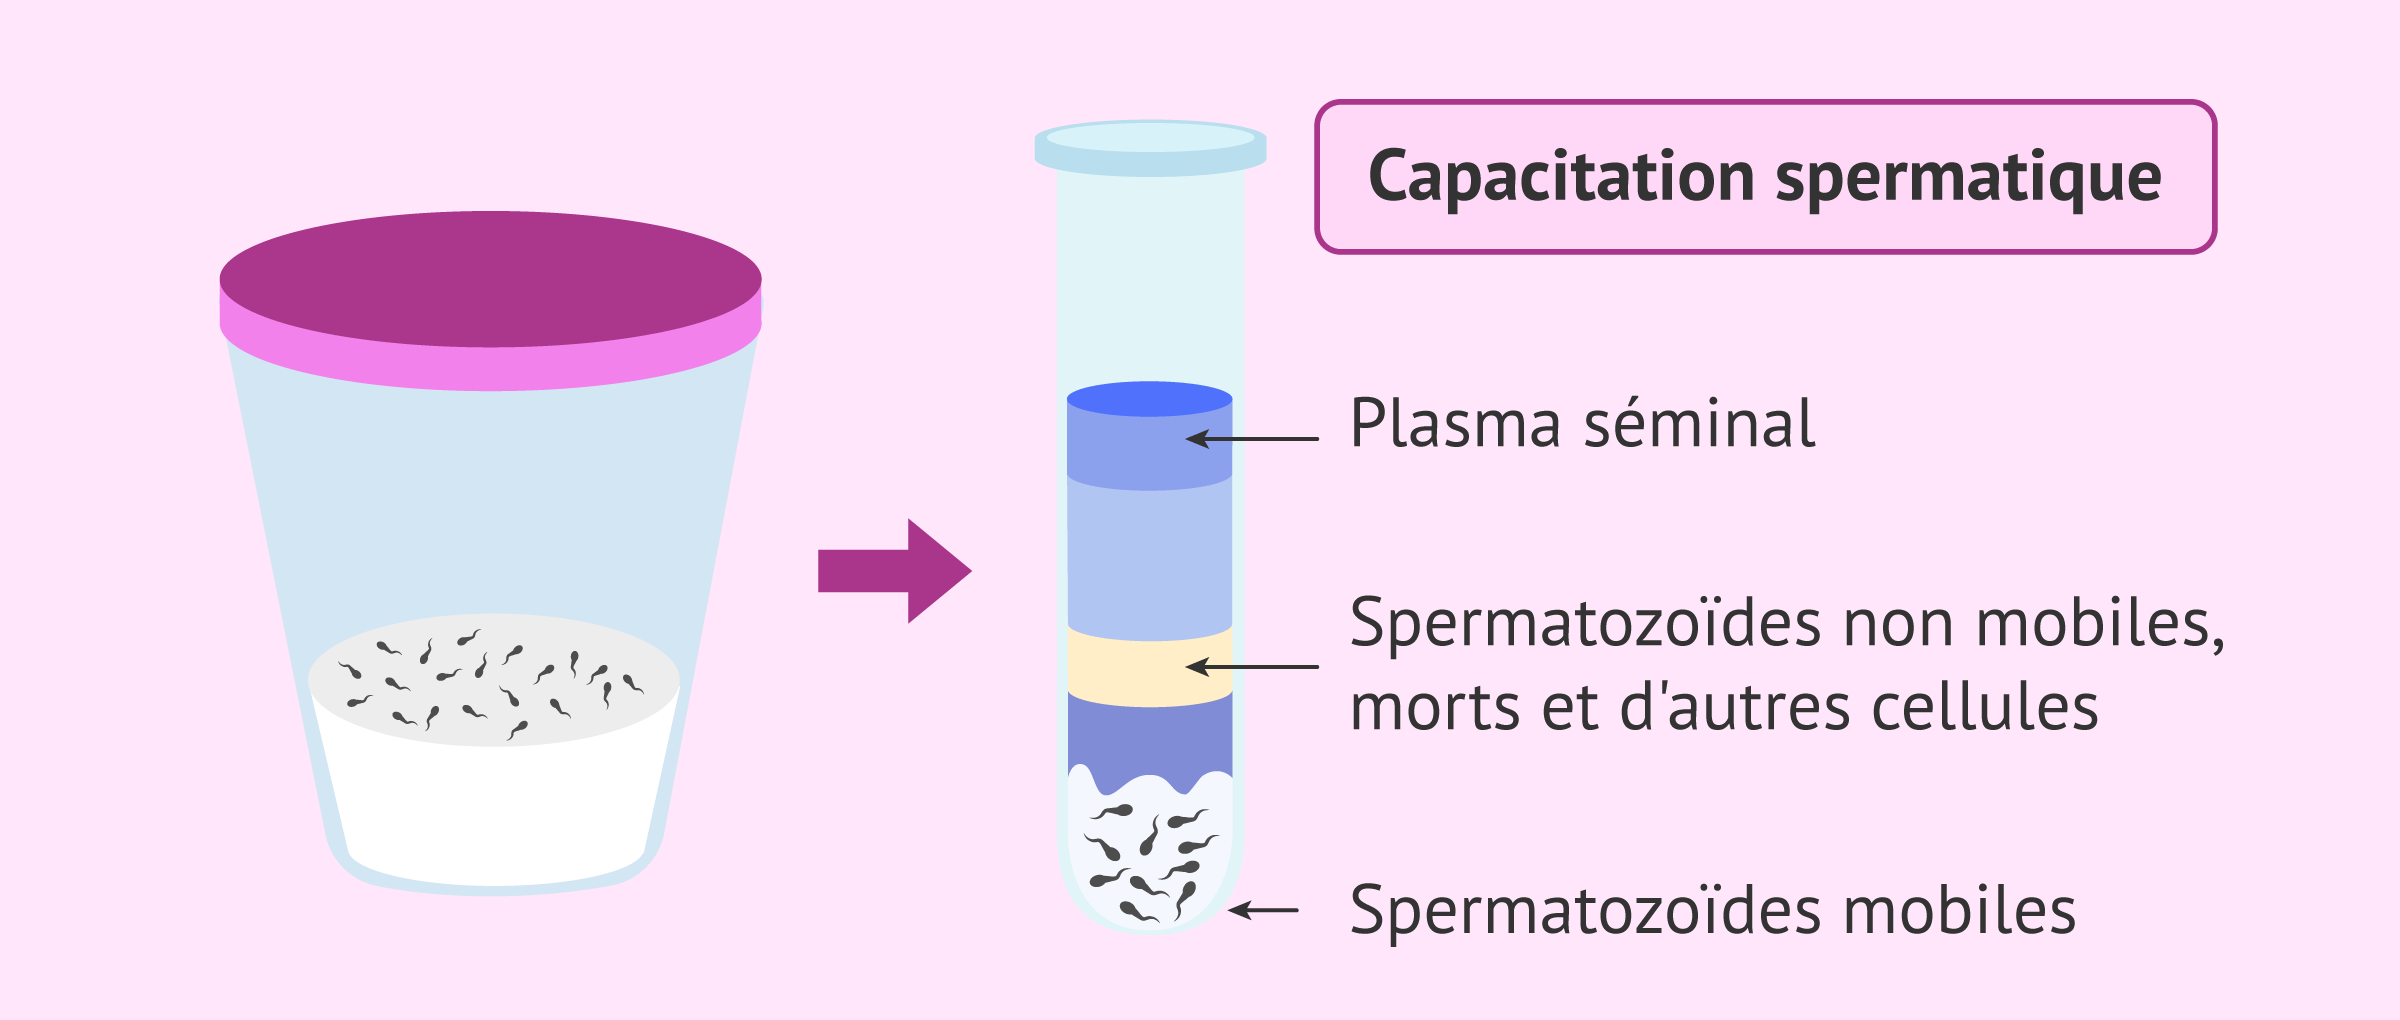 Échantillon séminal et formation des spermatozoïdes